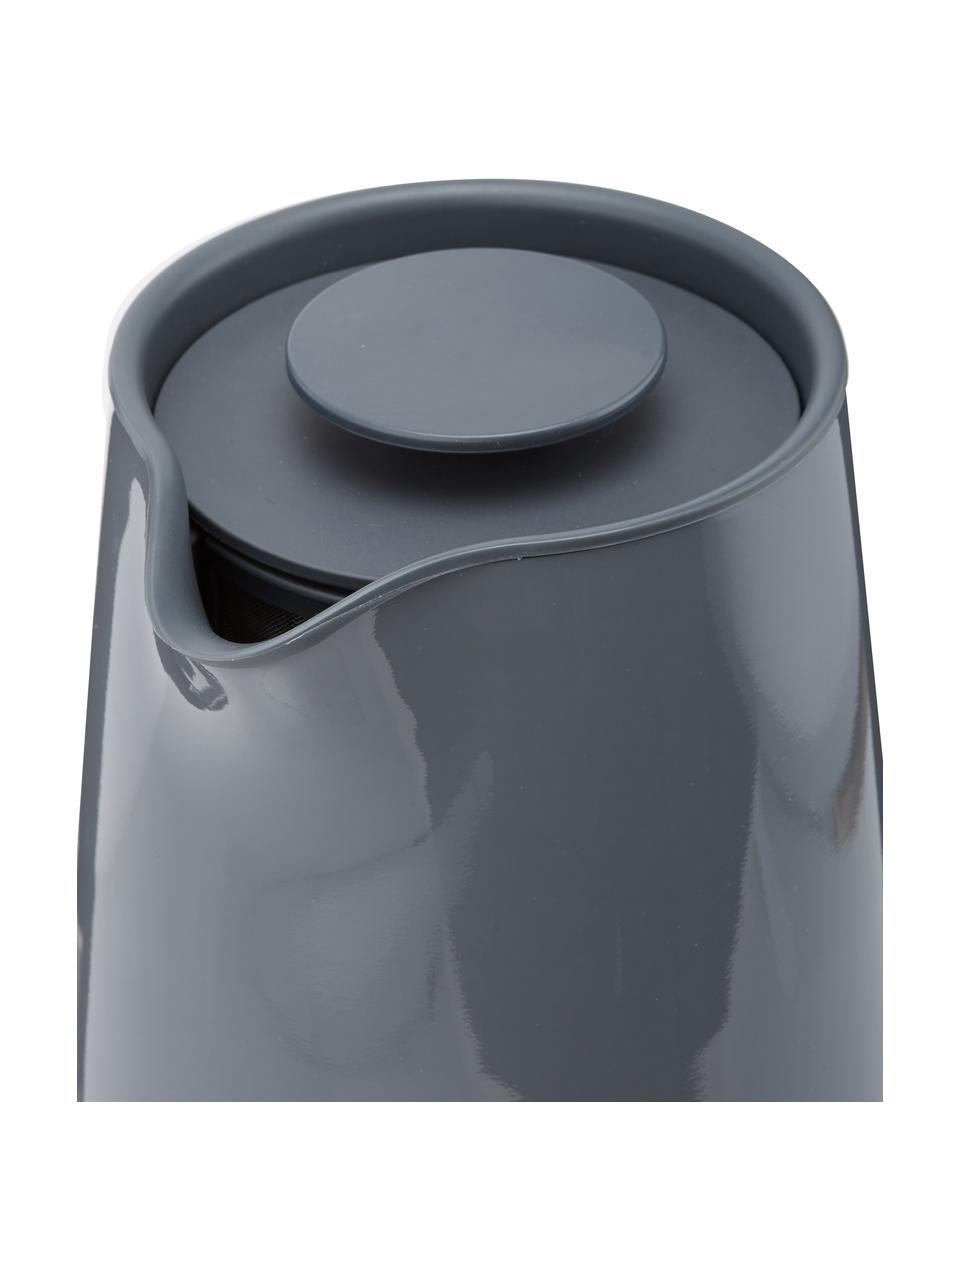 Bollitore elettrico grigio lucido Emma, Rivestimento: smalto, Manico: legno di faggio, Grigio, 1,2 L